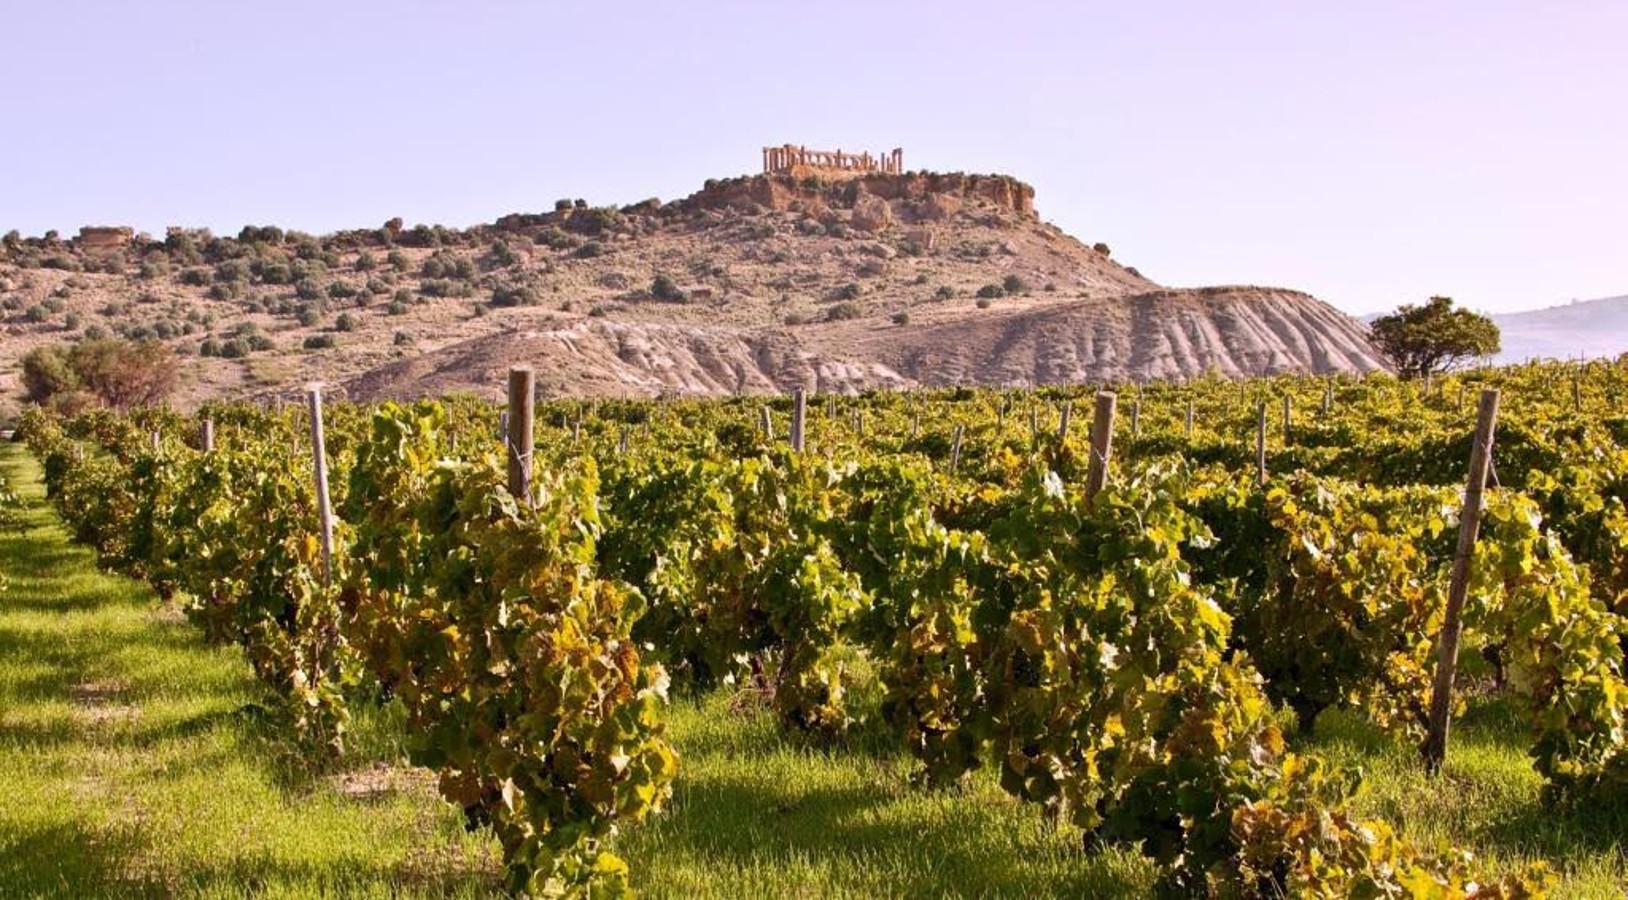 Vitigni autoctoni e vini organici della Sicilia al Vinitaly